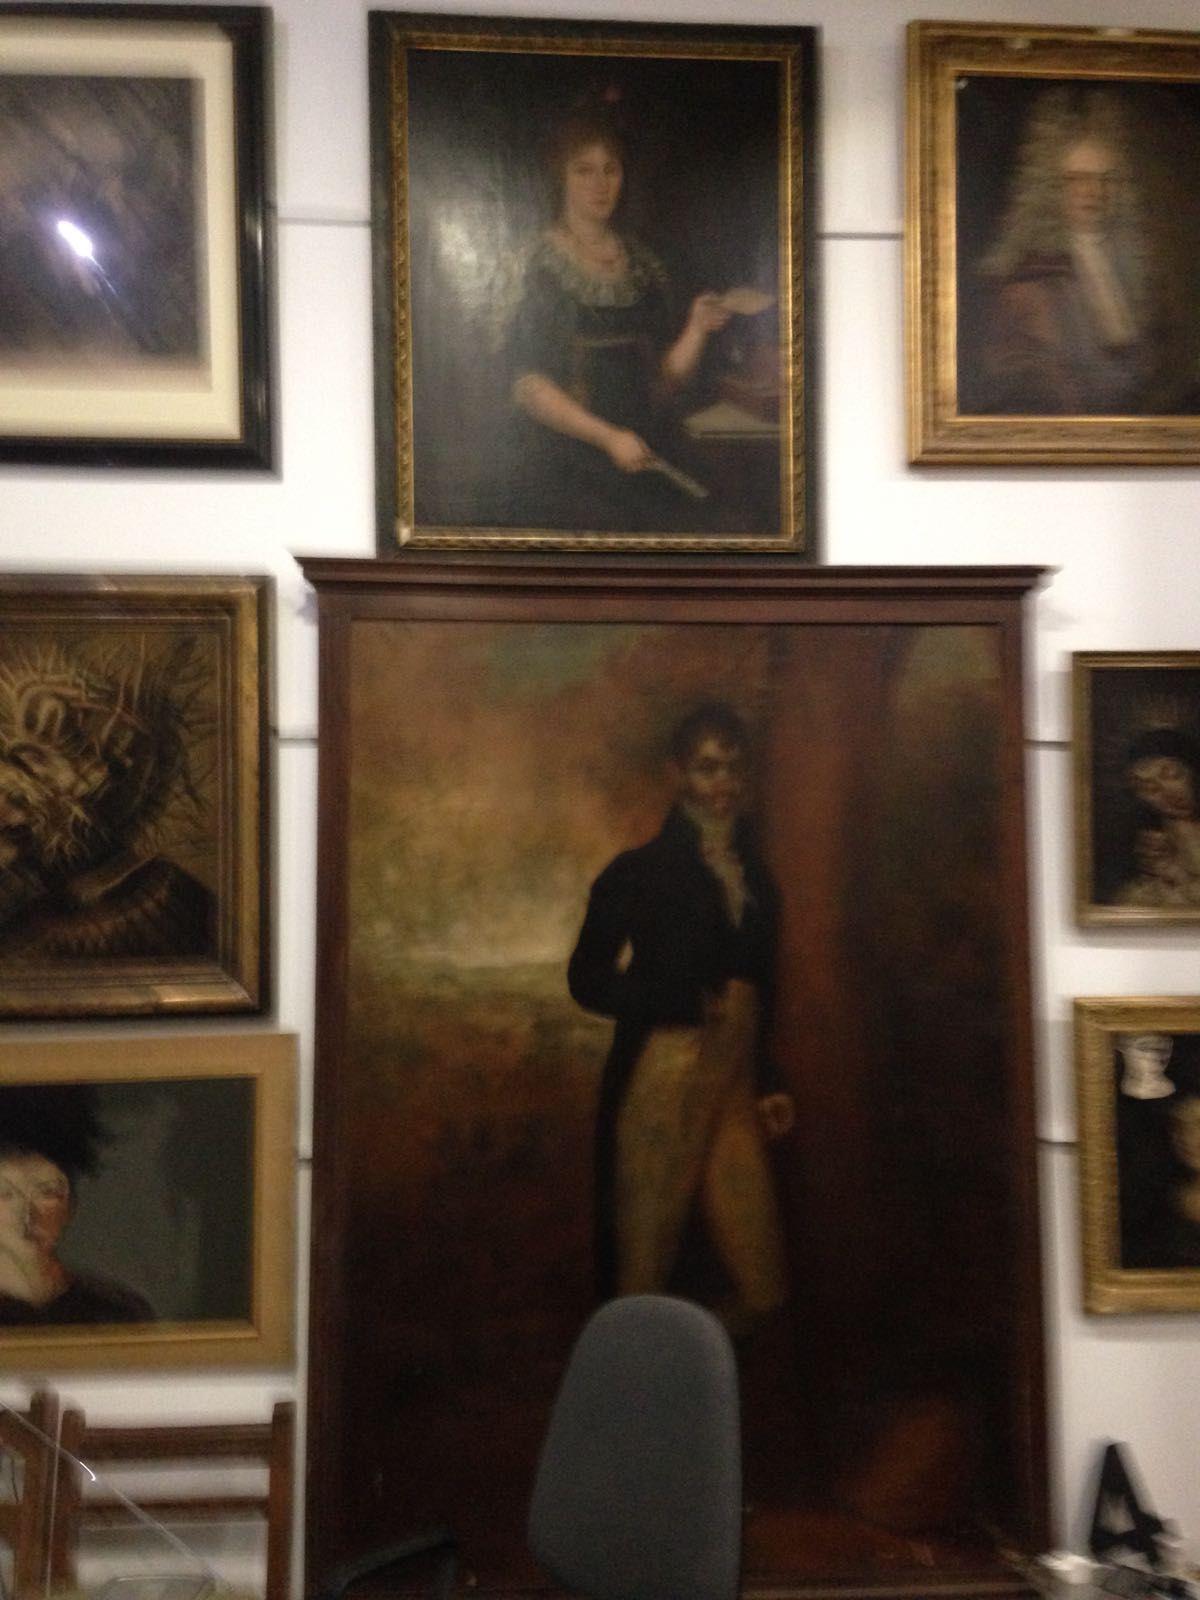 Foto 73 de Galerías de arte y salas de exposiciones en Cartagena | Arte & Antigüedades Federico Robles Perez